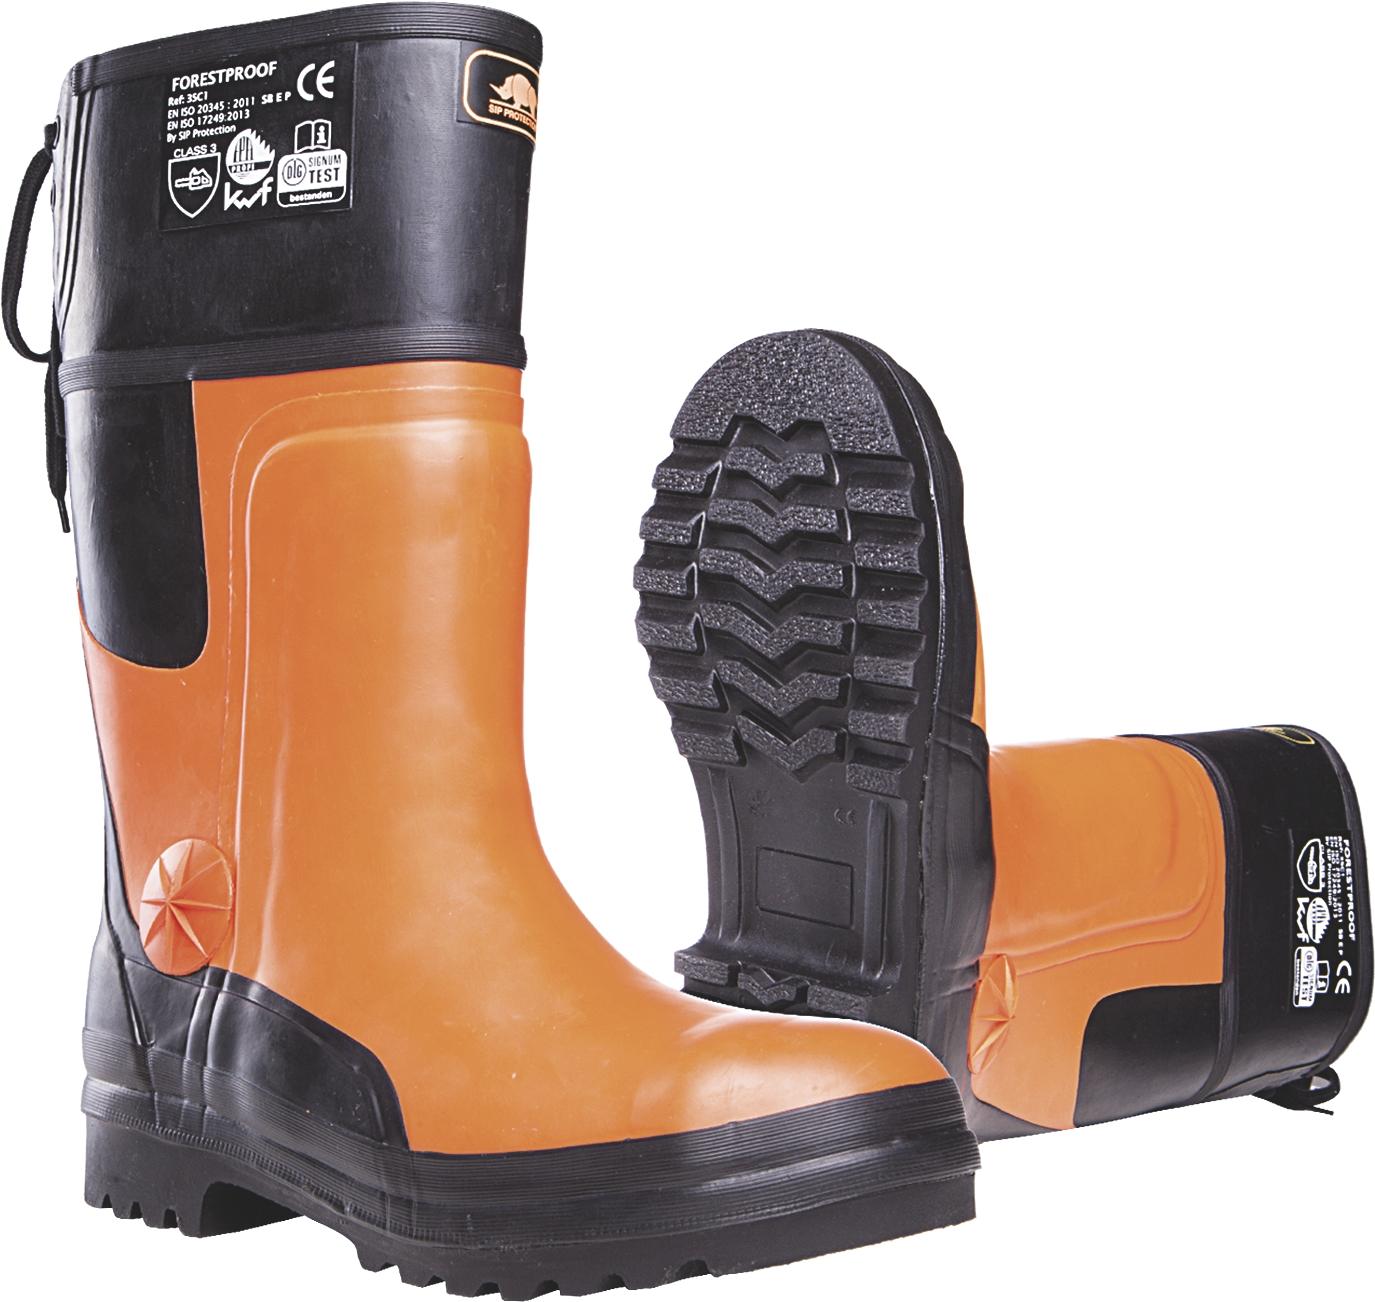 Bottes Forestproof 3SB3 - Orange/Noir SIP Protection